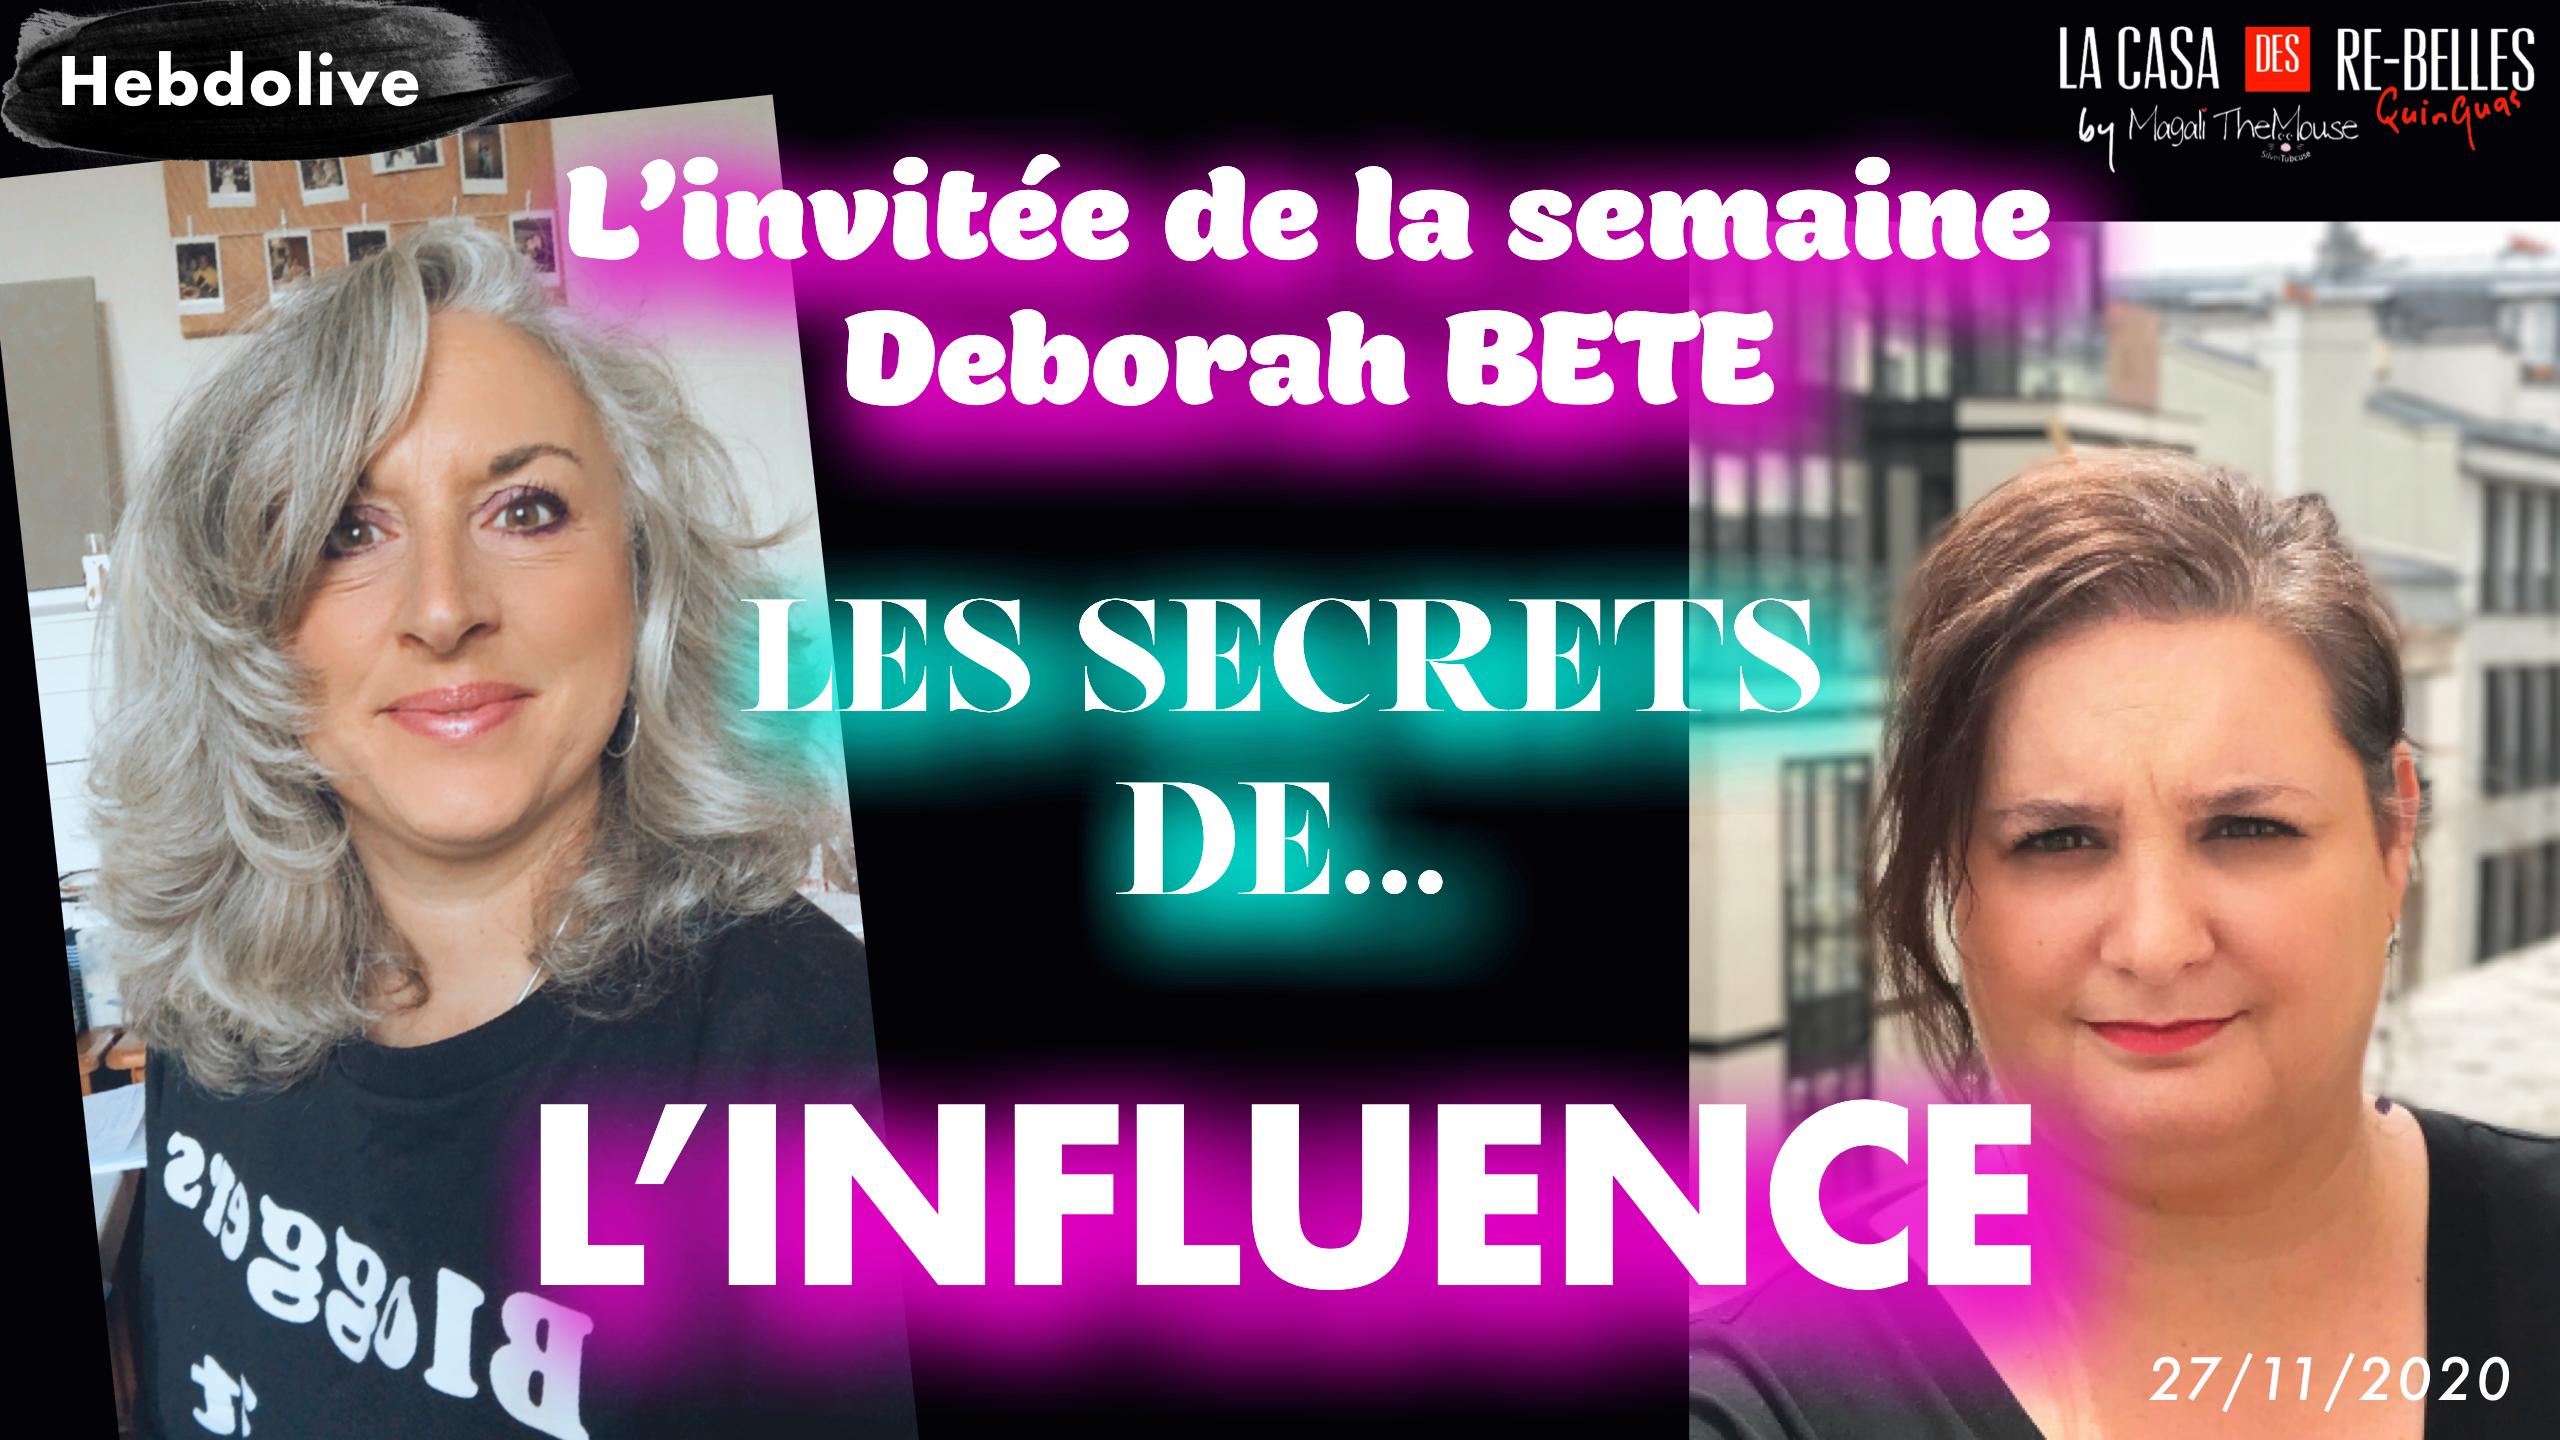 Tous les secrets de l'influence avec mon invitée Deborah BÊTE